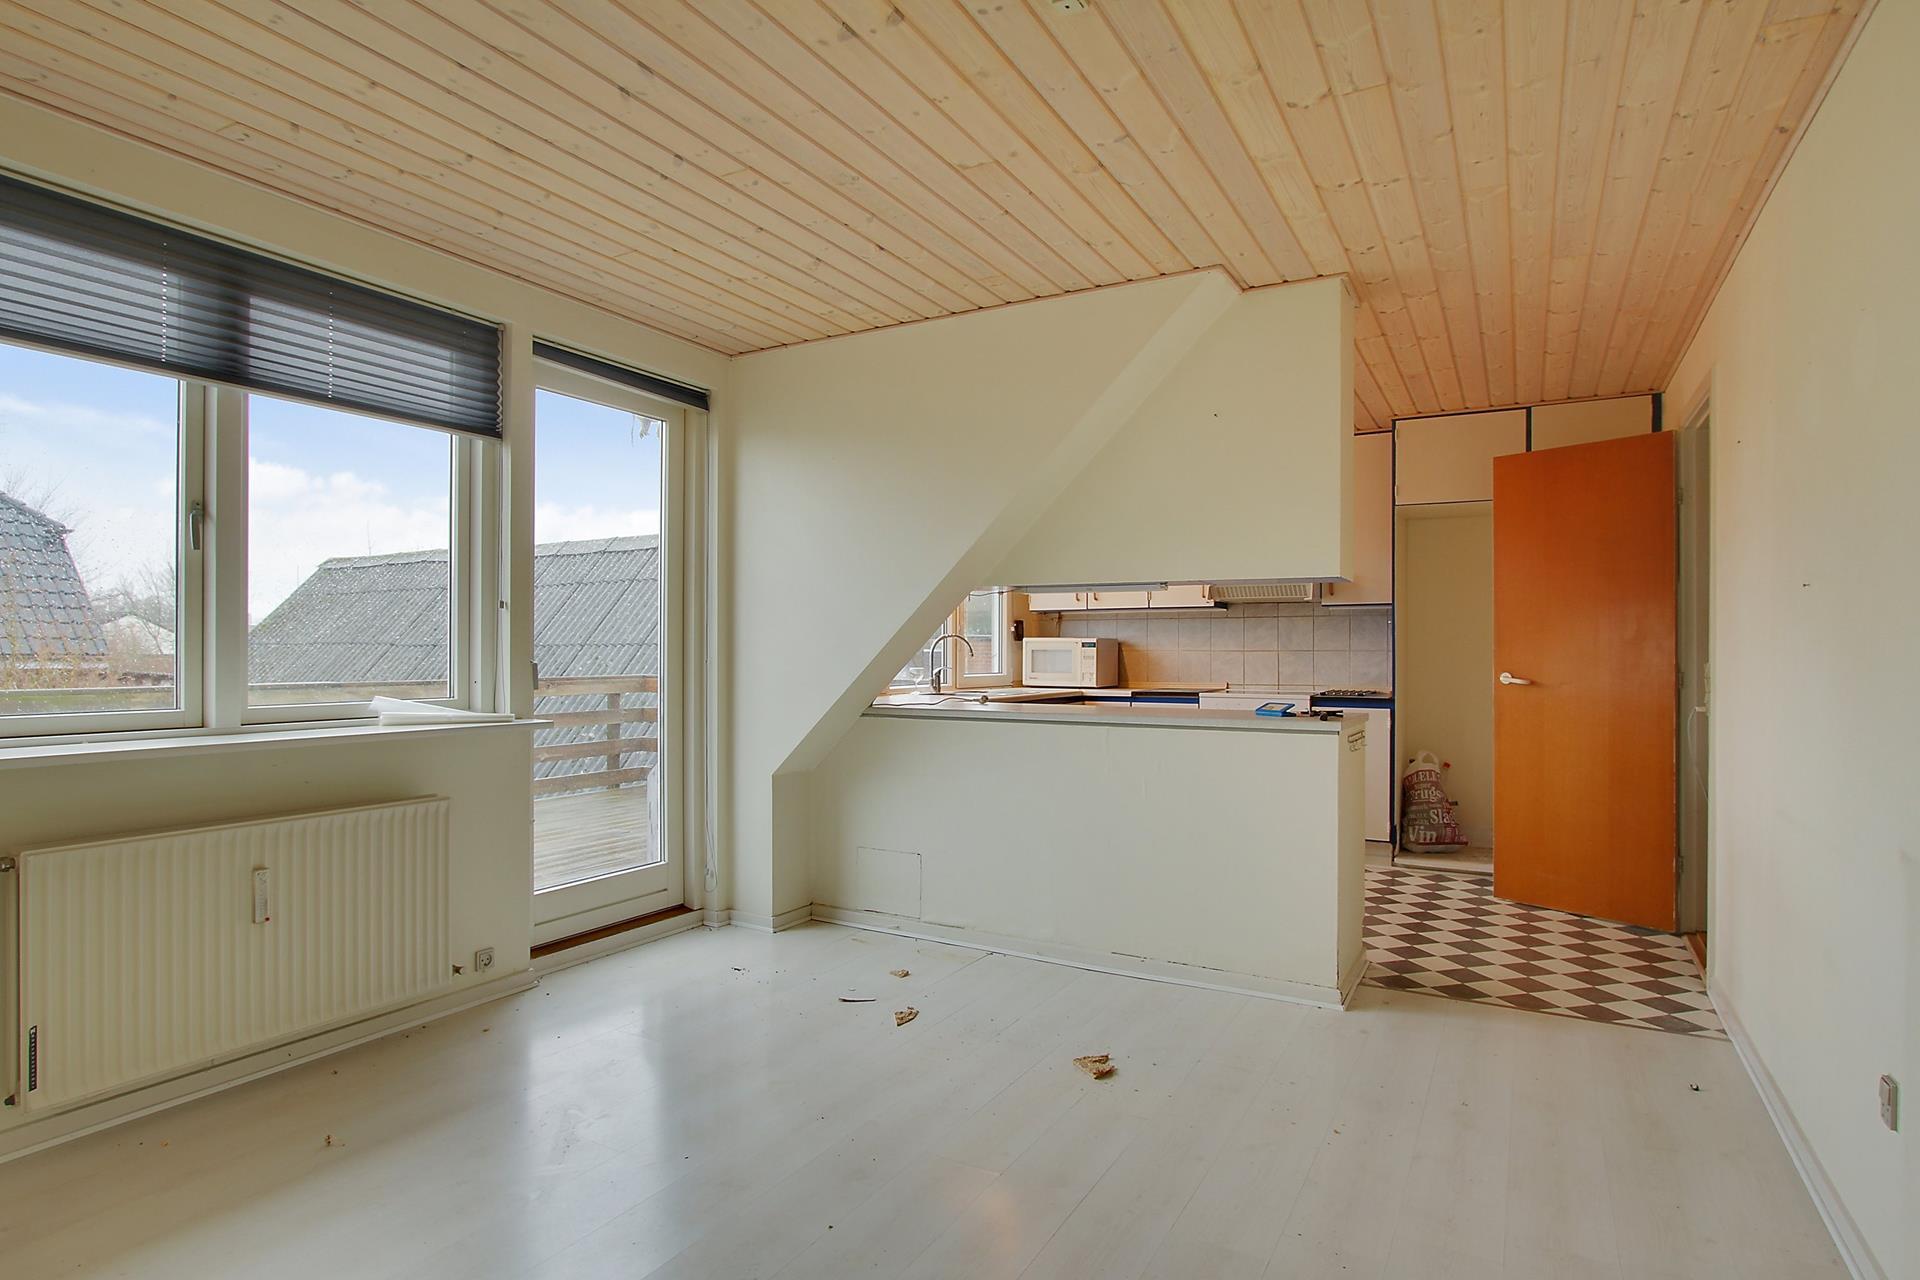 Bolig/erhverv på Østergade i Hadsund - Køkken alrum